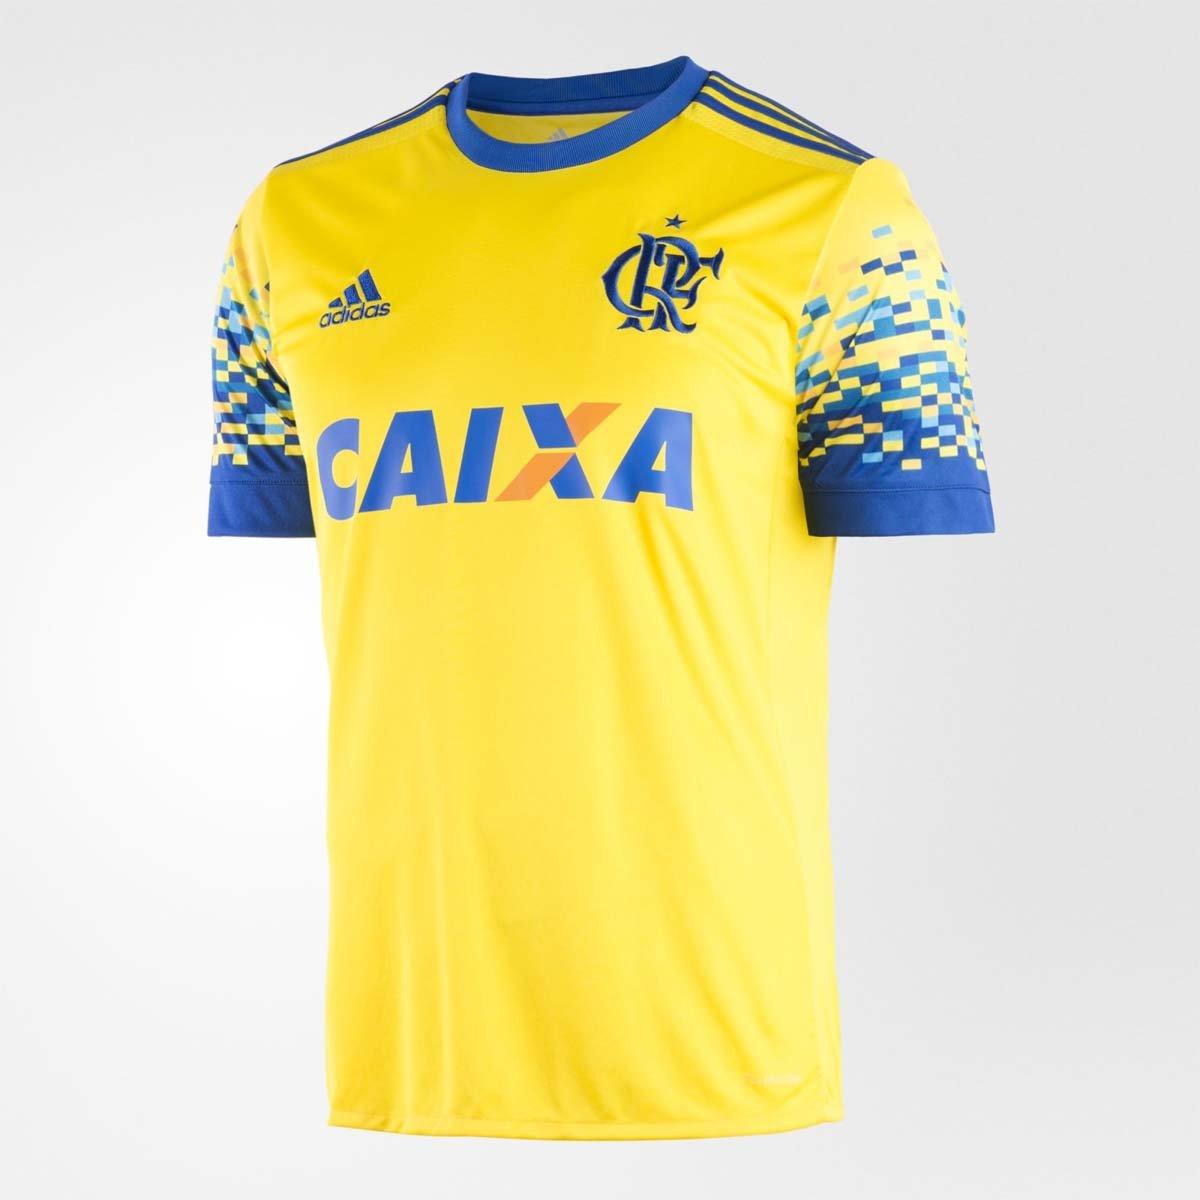 59e61cd9d5 Camisa Flamengo Oficial 3 2017 - Compre Agora